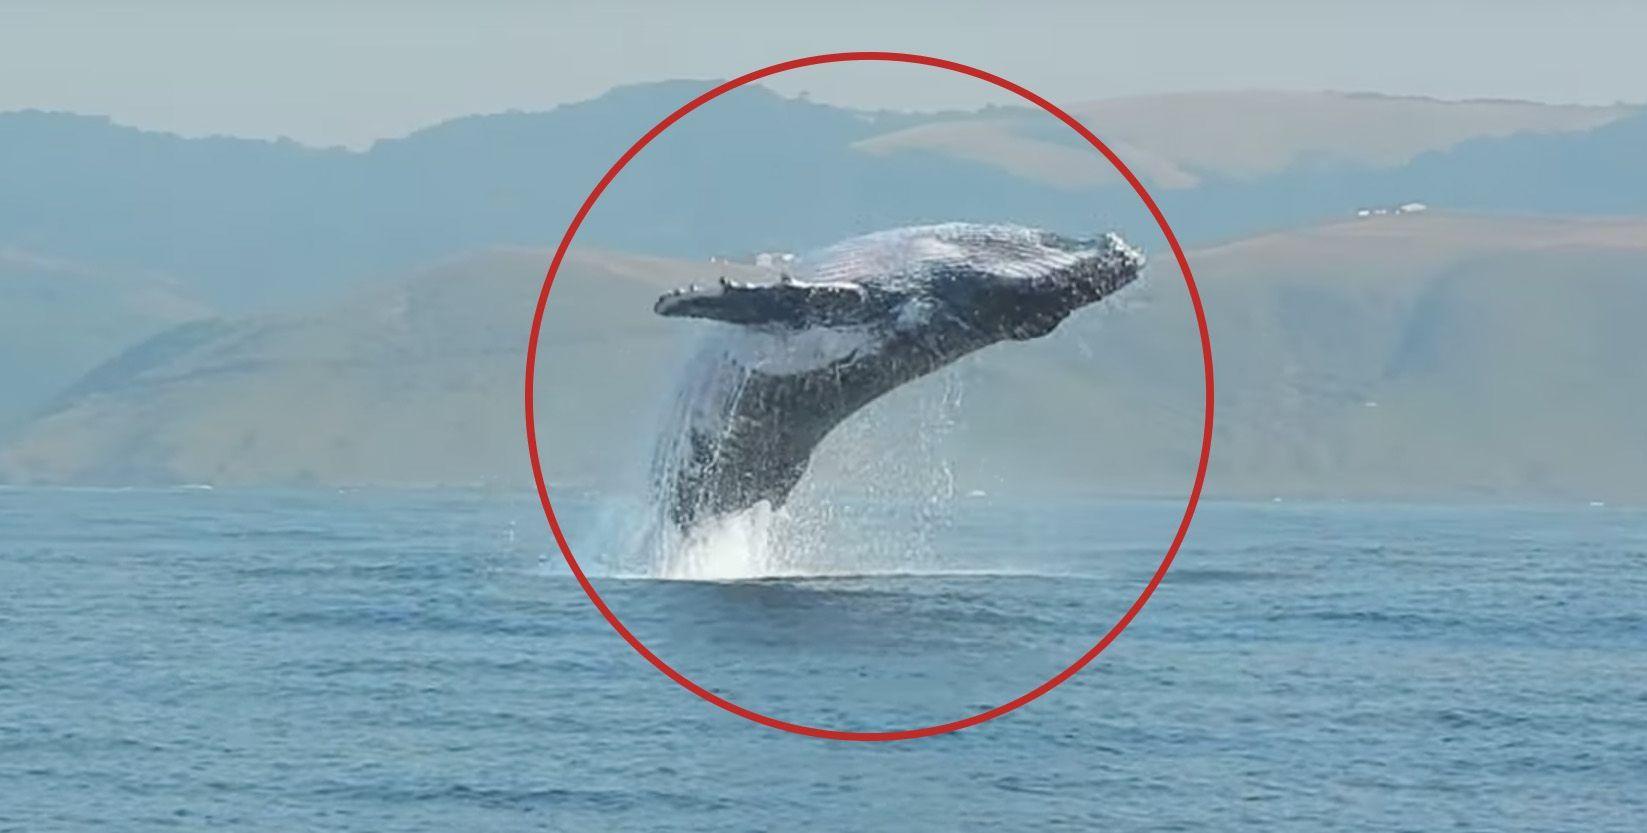 Espectaculares saltos de una ballena de 40 toneladas • La nube de algodón